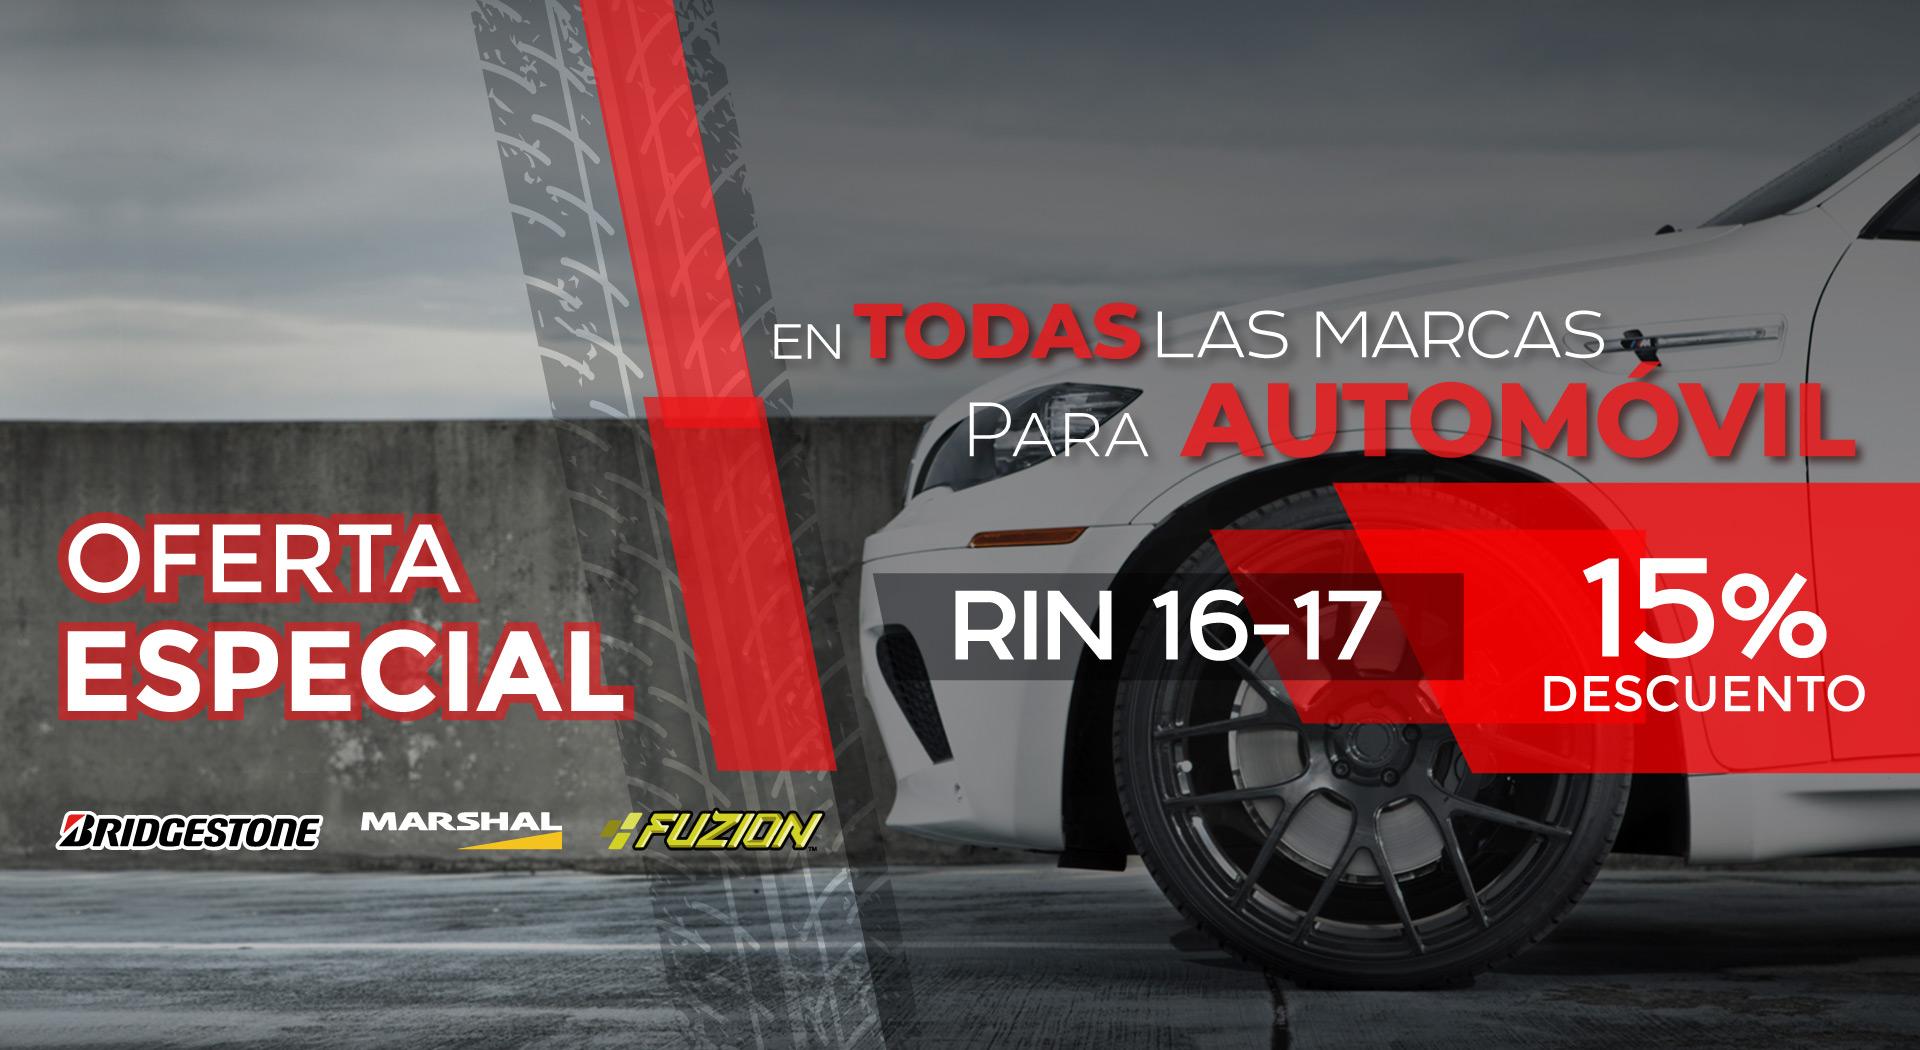 Automóvil Rin 16 y Rin 17